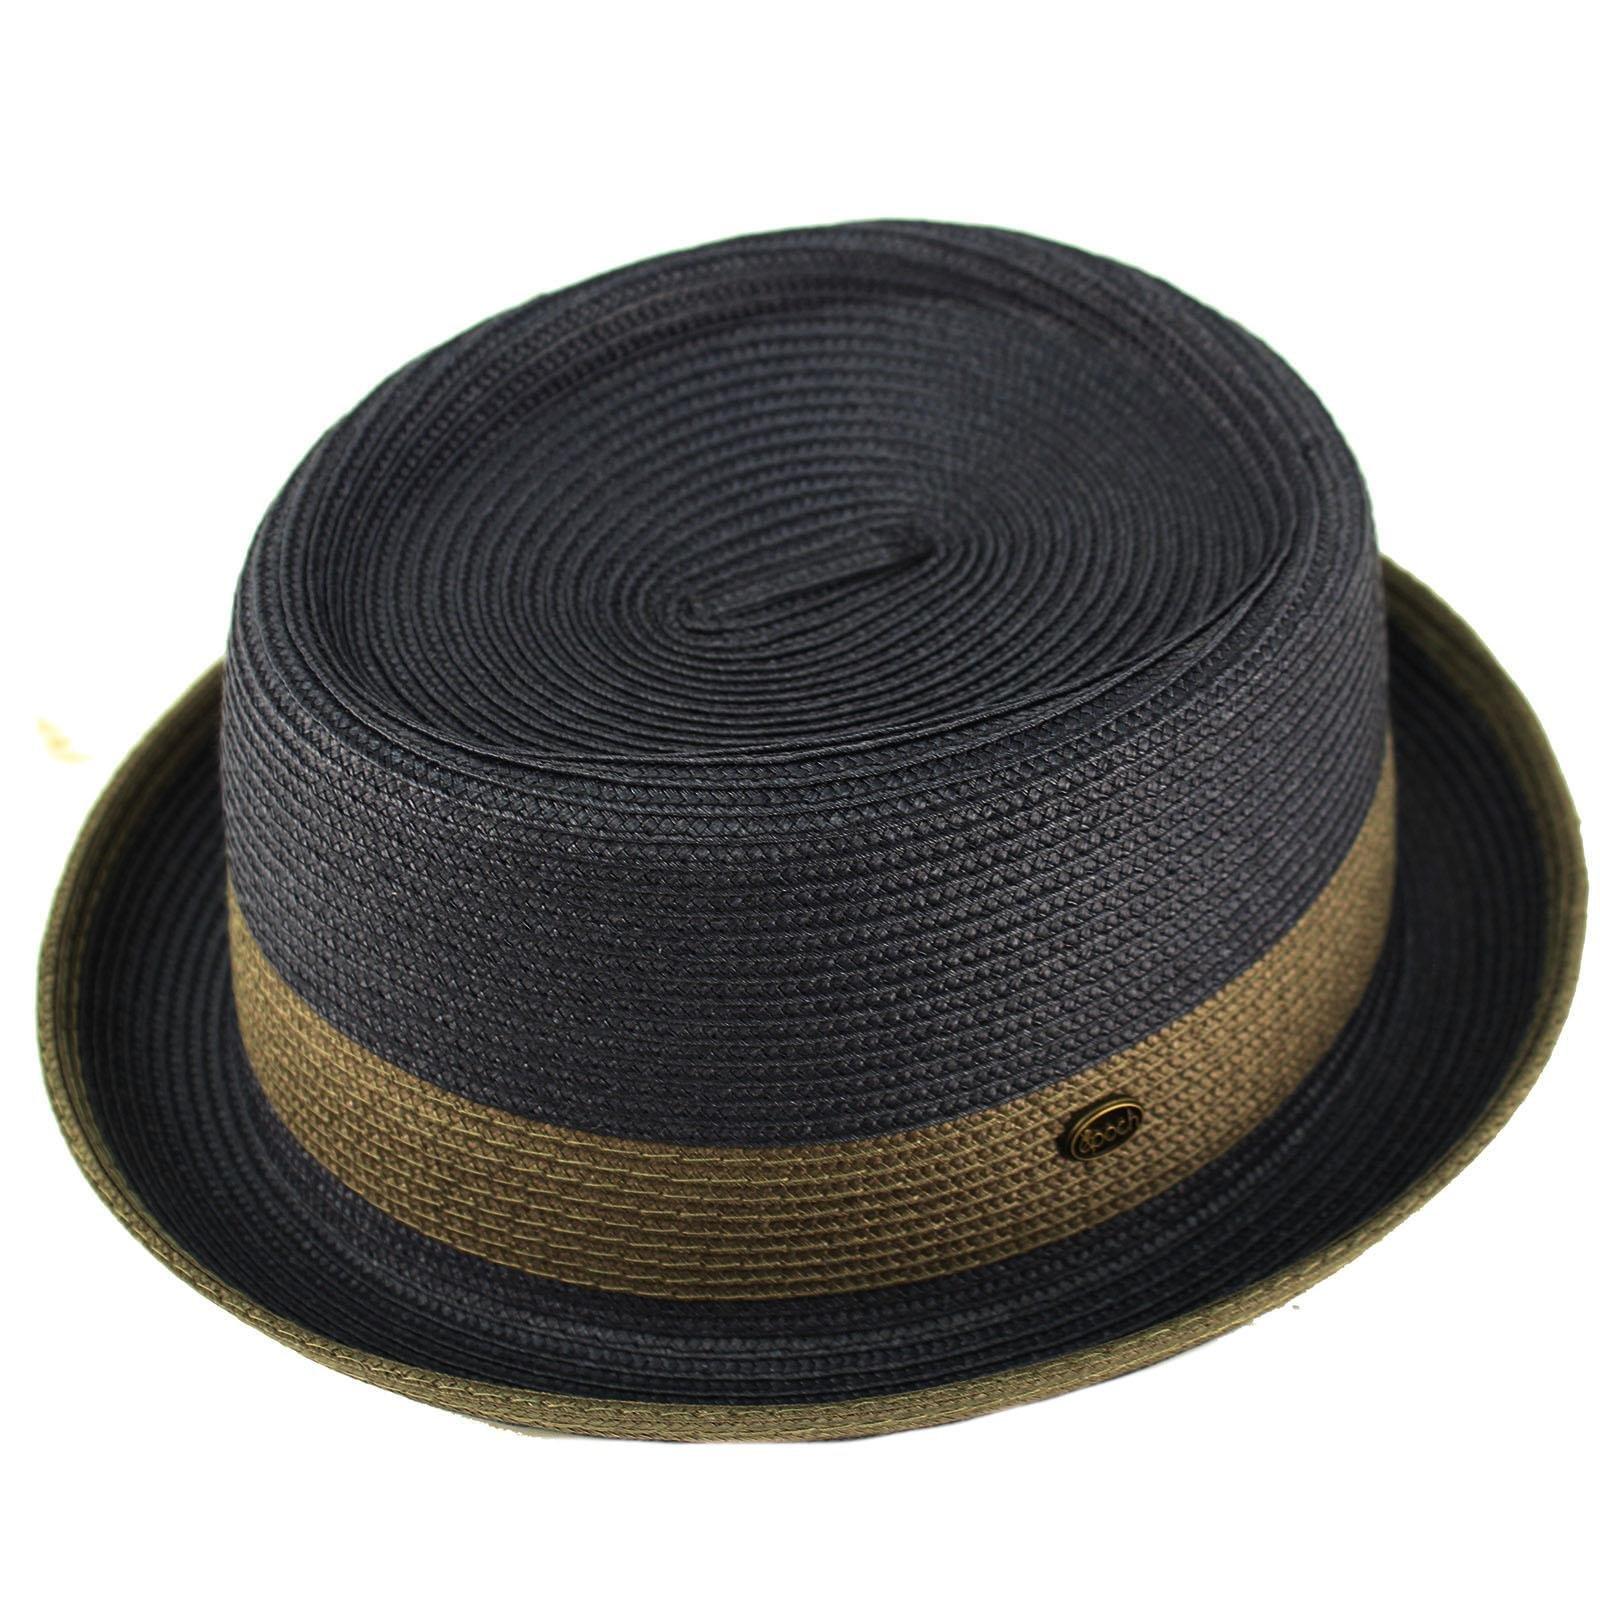 Epoch Men's Everyday 2tone Light Summer Porkpie Boater Derby Fedora Sun Hat S/M